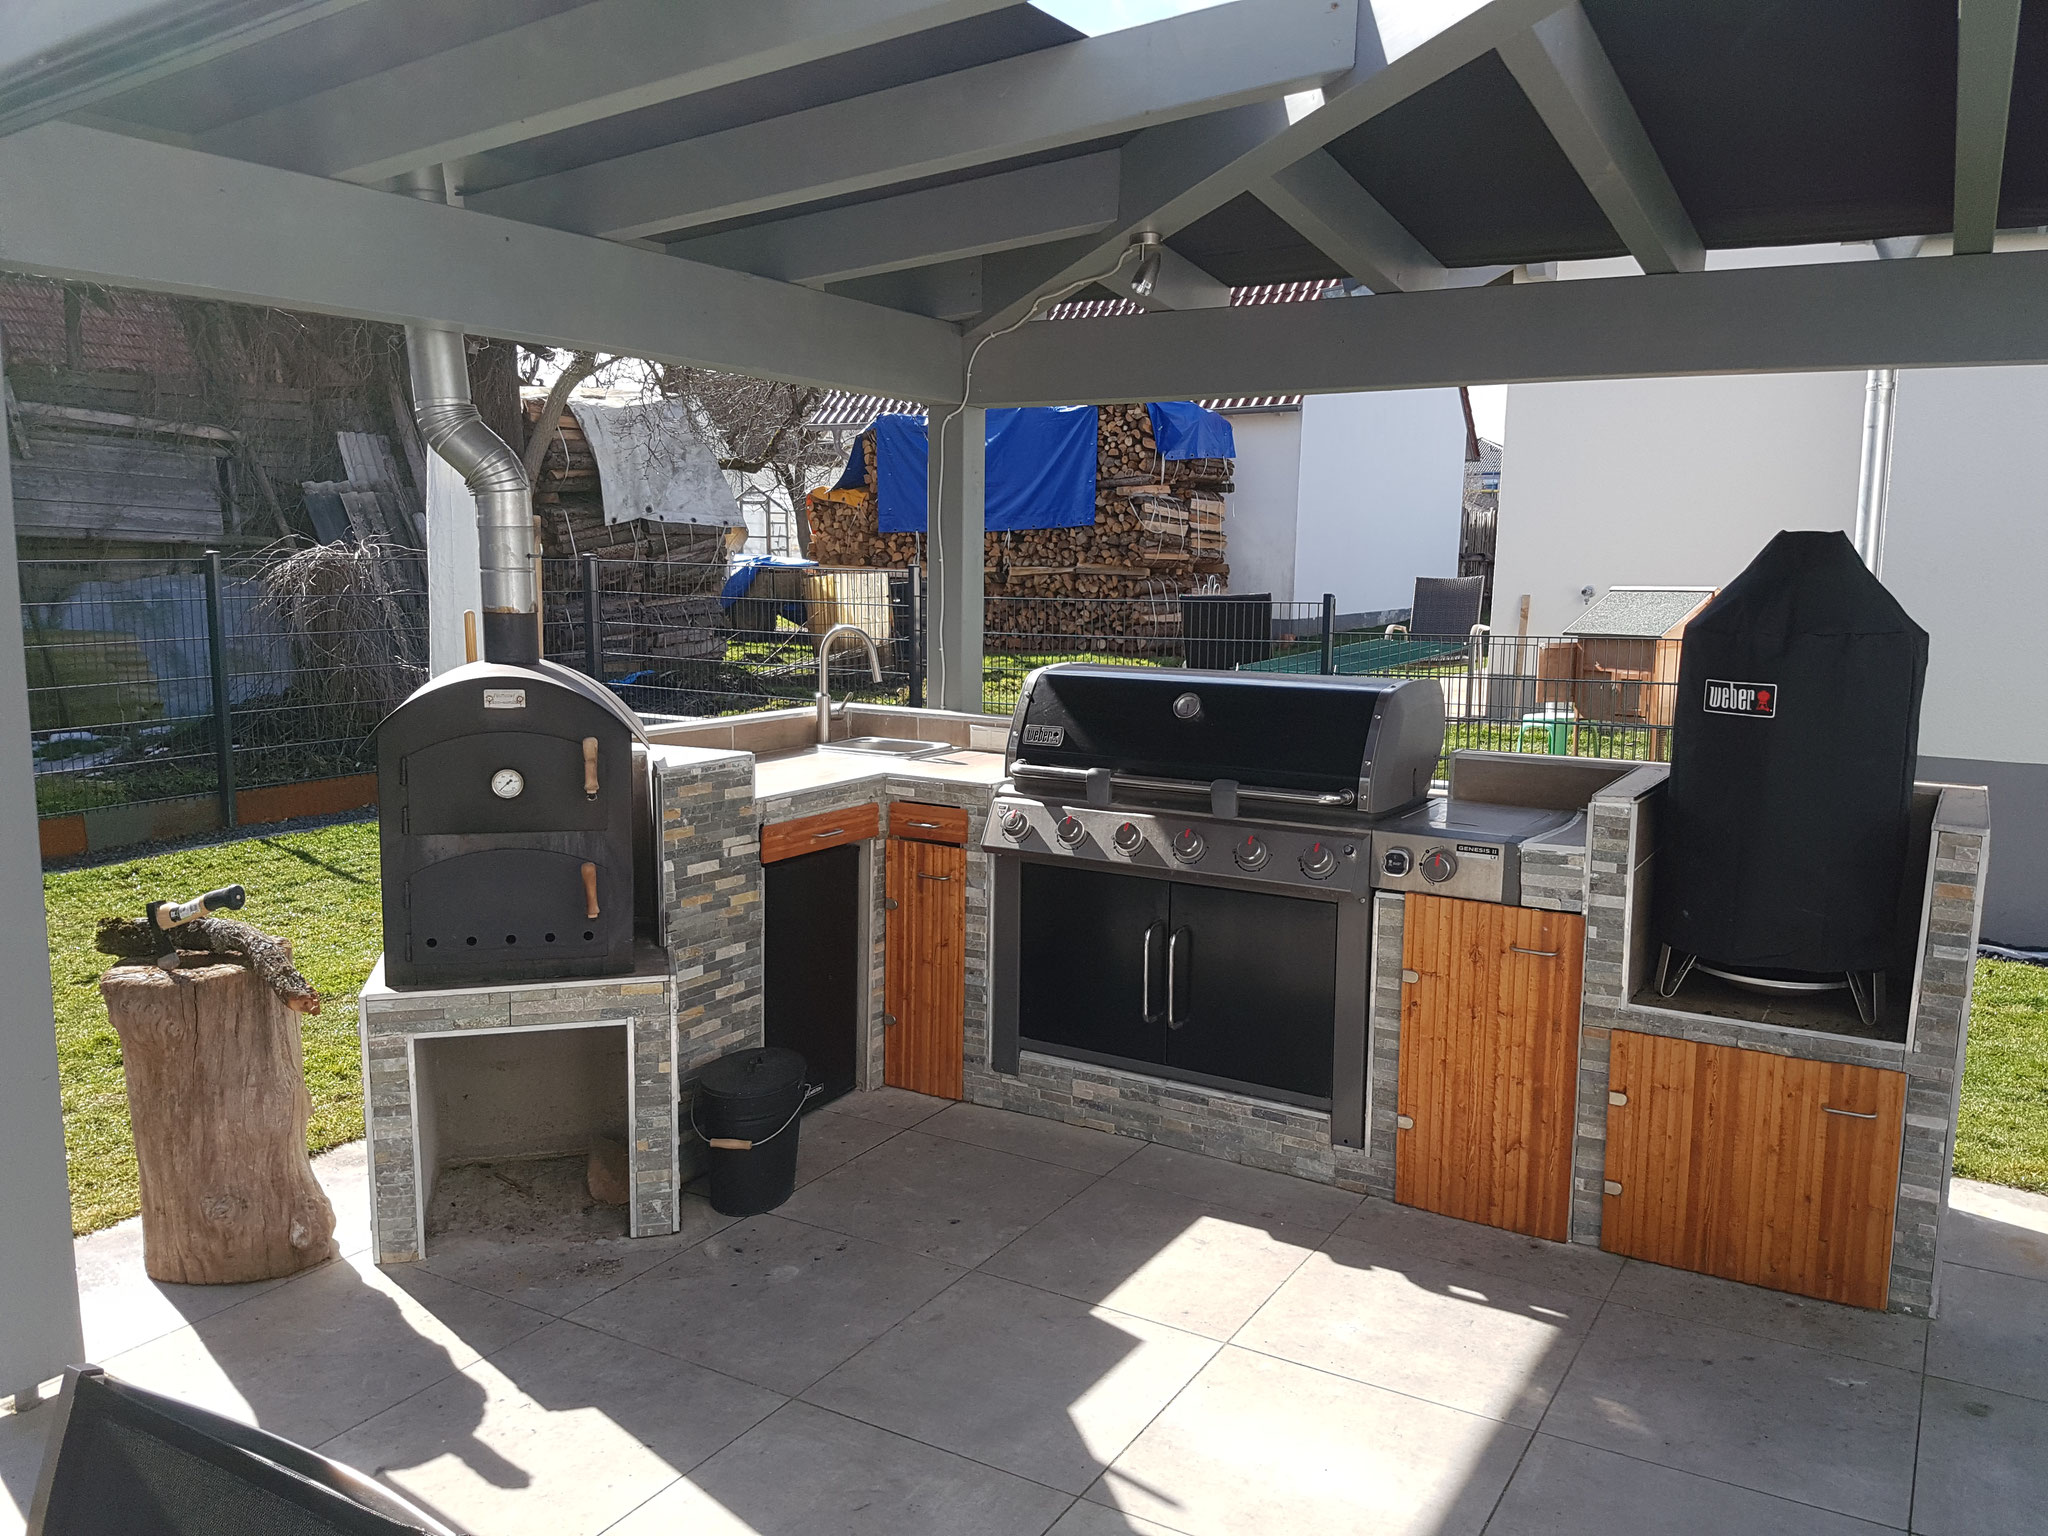 Outdoor Küche Mit Weber Spirit : Outdoorküche mit weber grill folge weber´s drehspieß körbe im